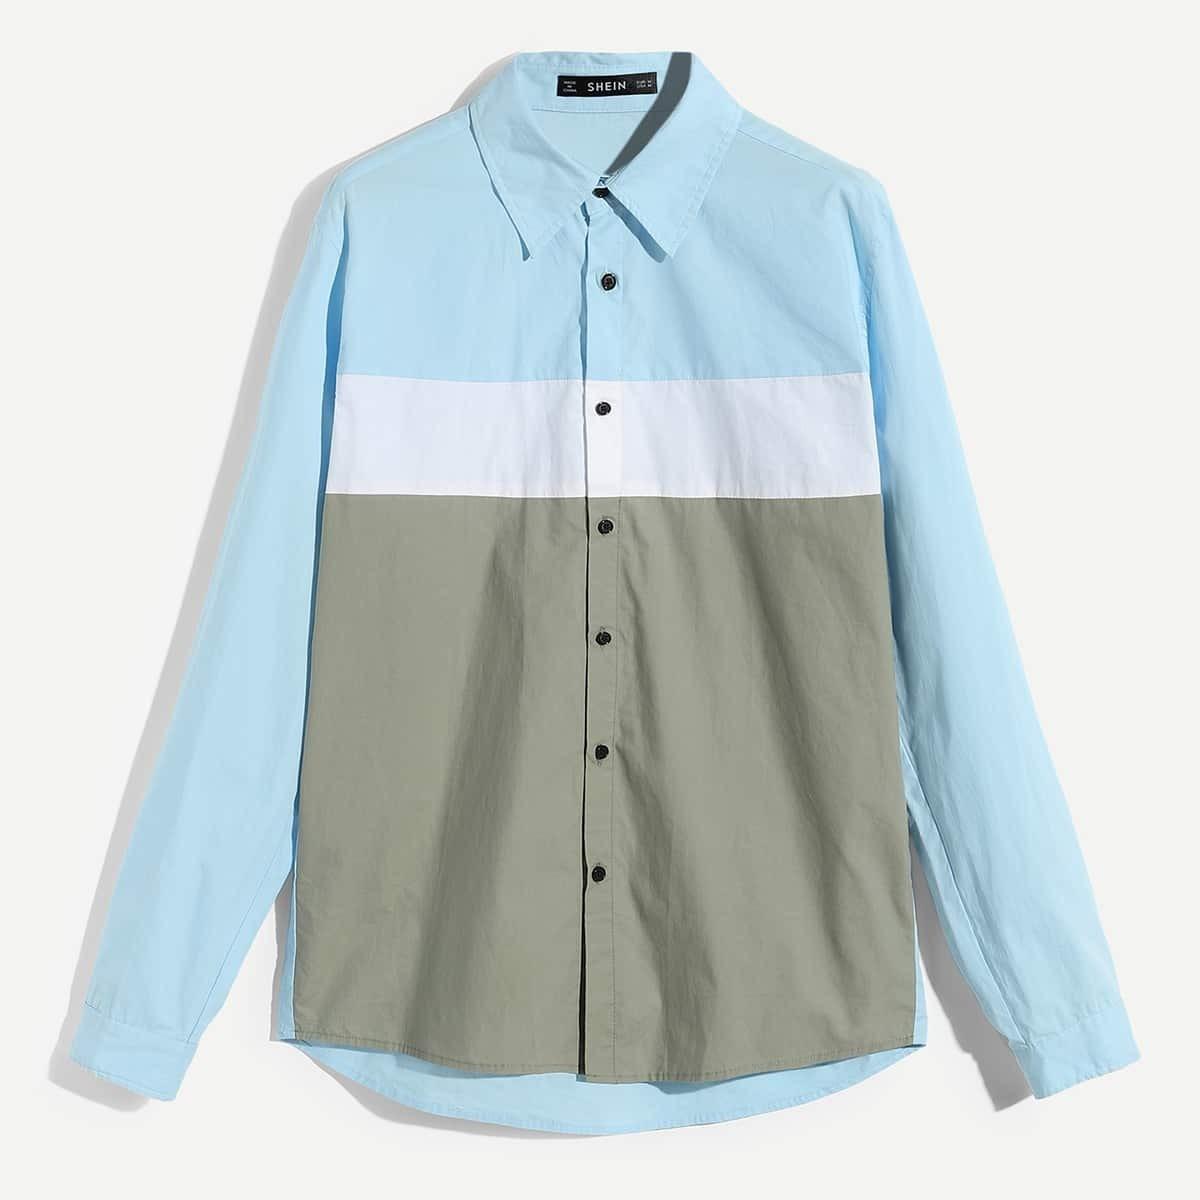 SHEIN / Männer Hemd mit Knöpfen vorn und Farbblock